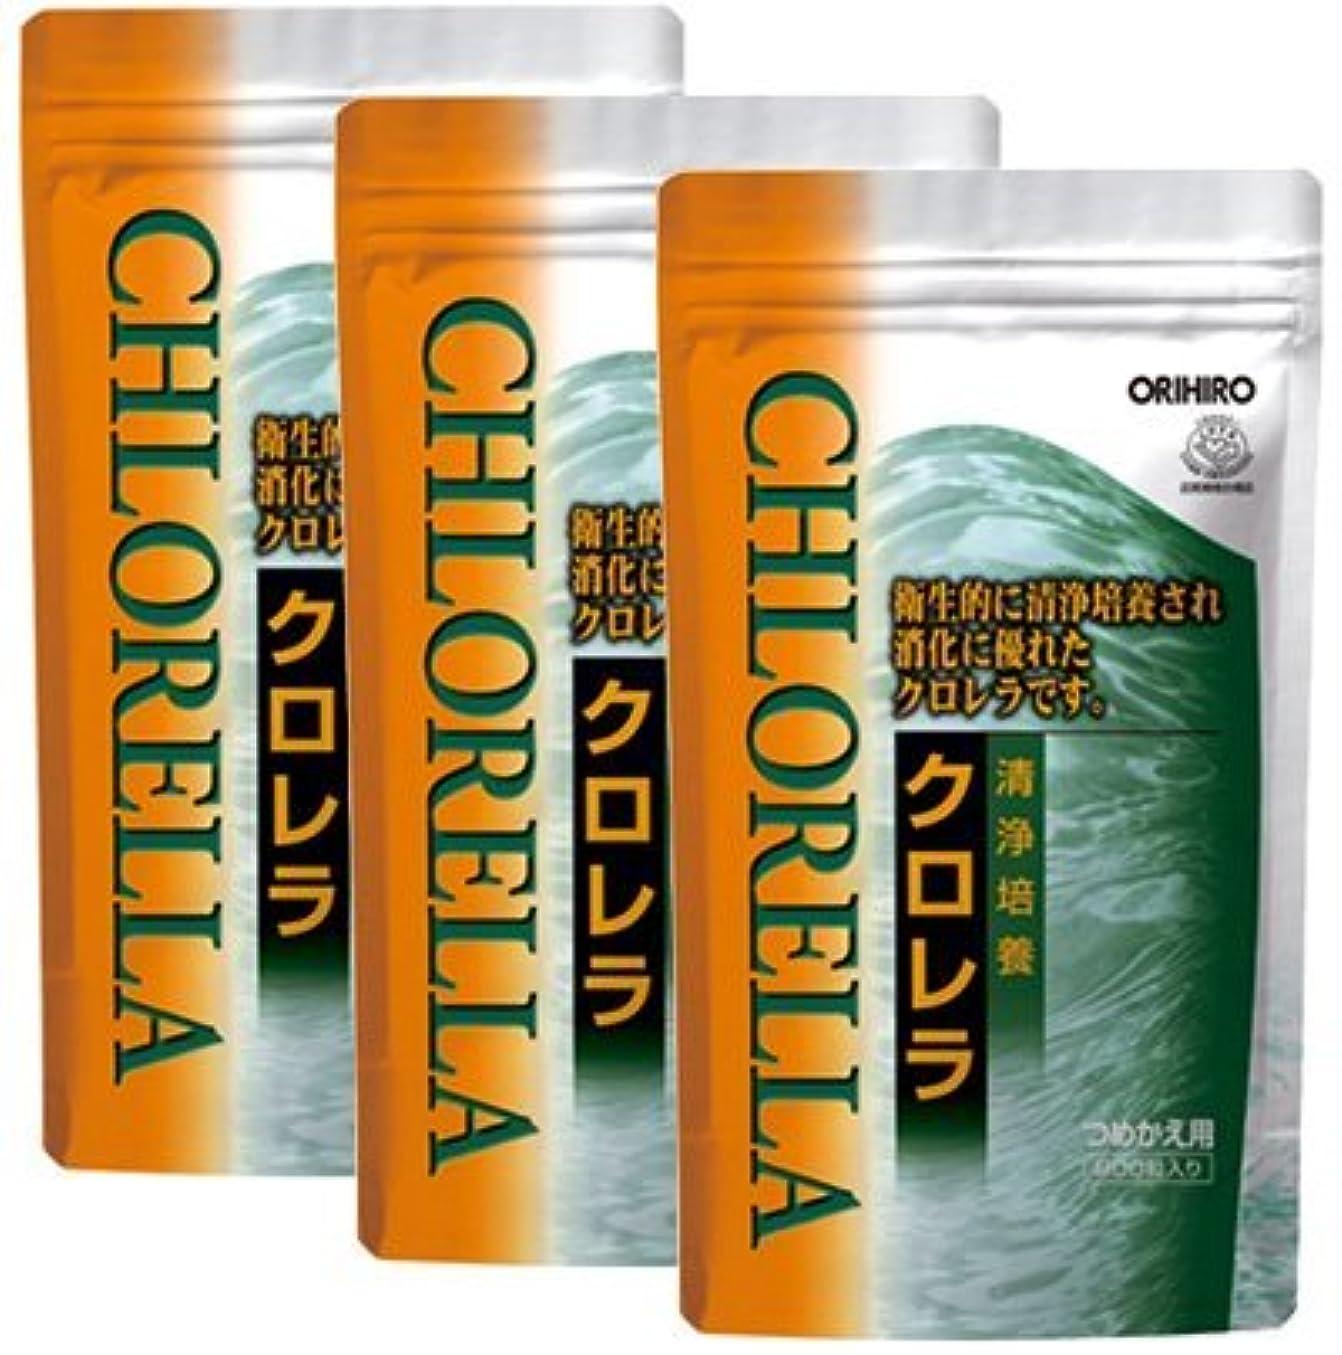 抽象ストッキングアレイオリヒロ 清浄培養クロレラ詰め替え用アルミ袋(900粒)【3袋セット】